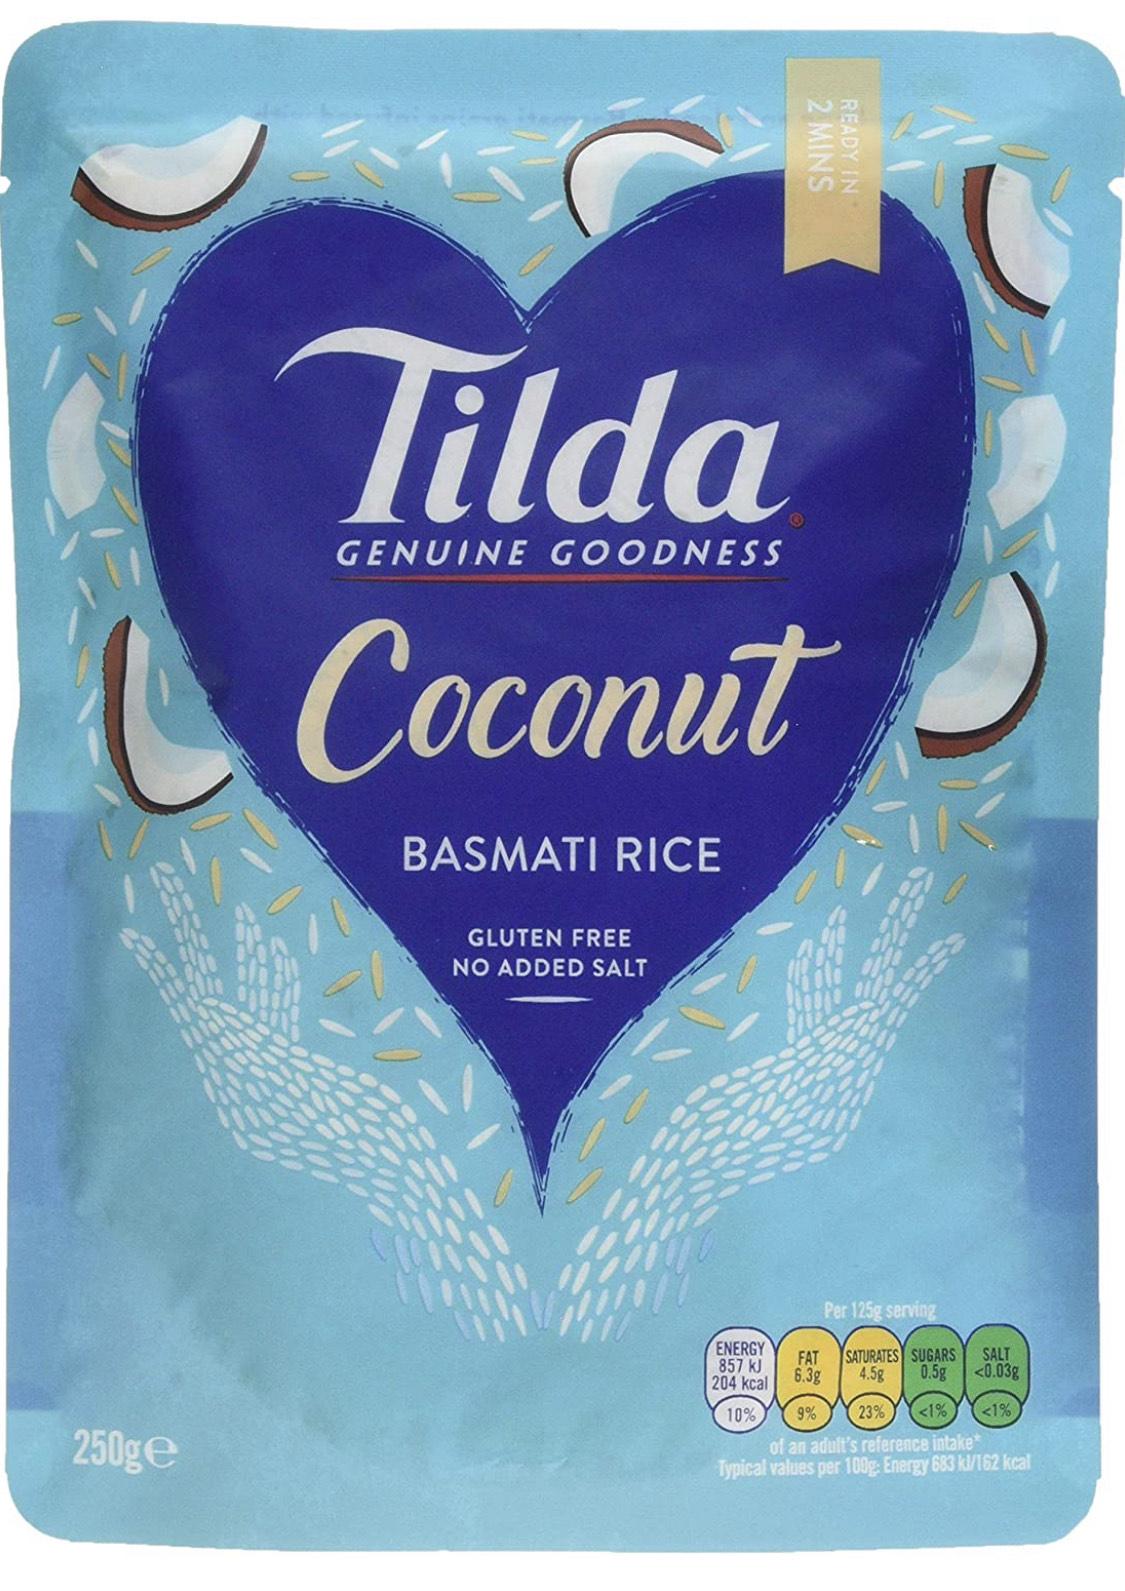 Tilda Steamed Basmati Coconut 250 g (Pack of 6) £3.92 Prime or £3.72 S&S (+£4.49 non prime) @ Amazon